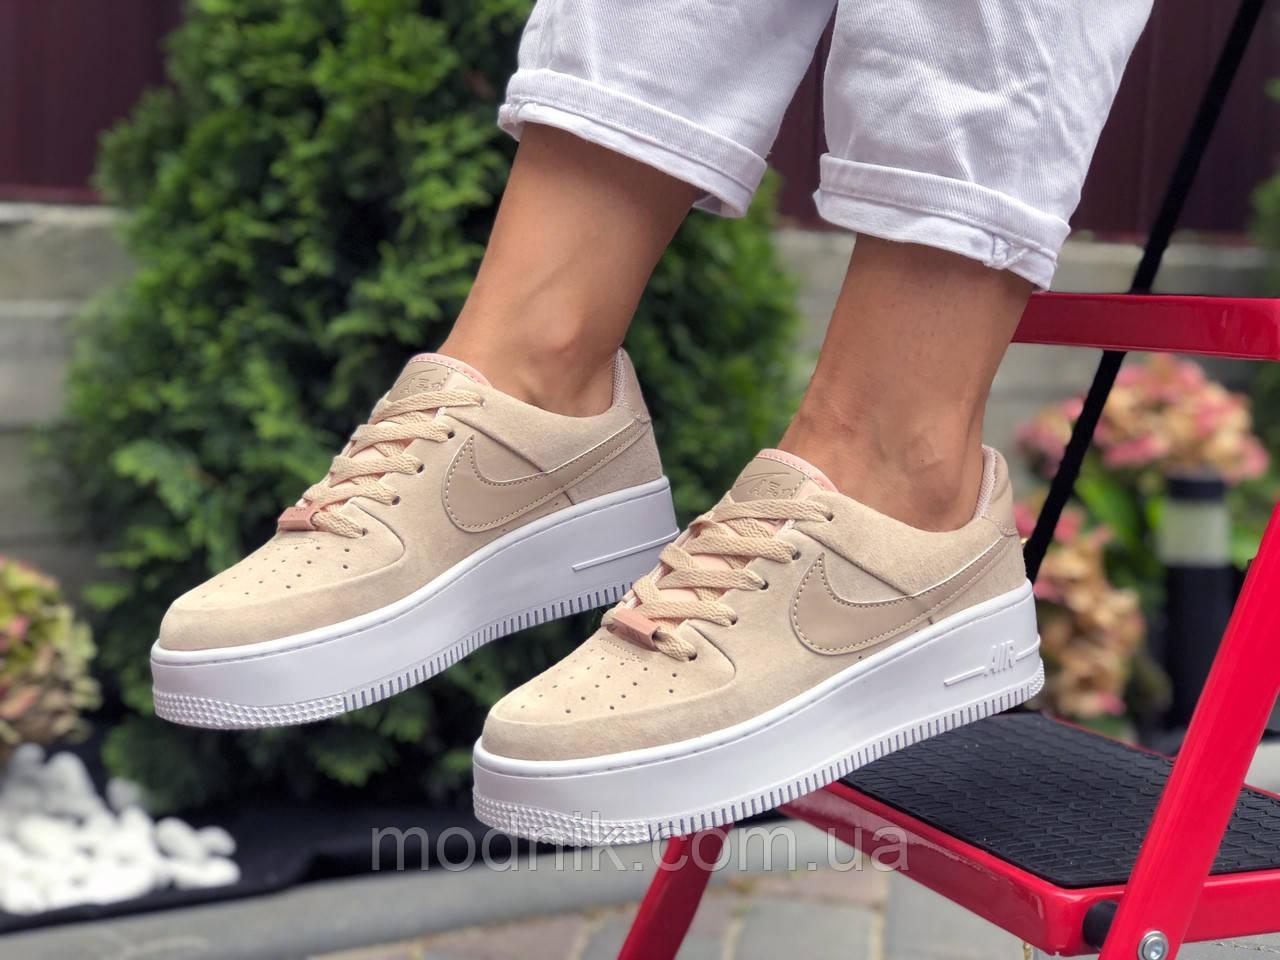 Женские кроссовки Nike Air Force 1 (бежевые) 9678